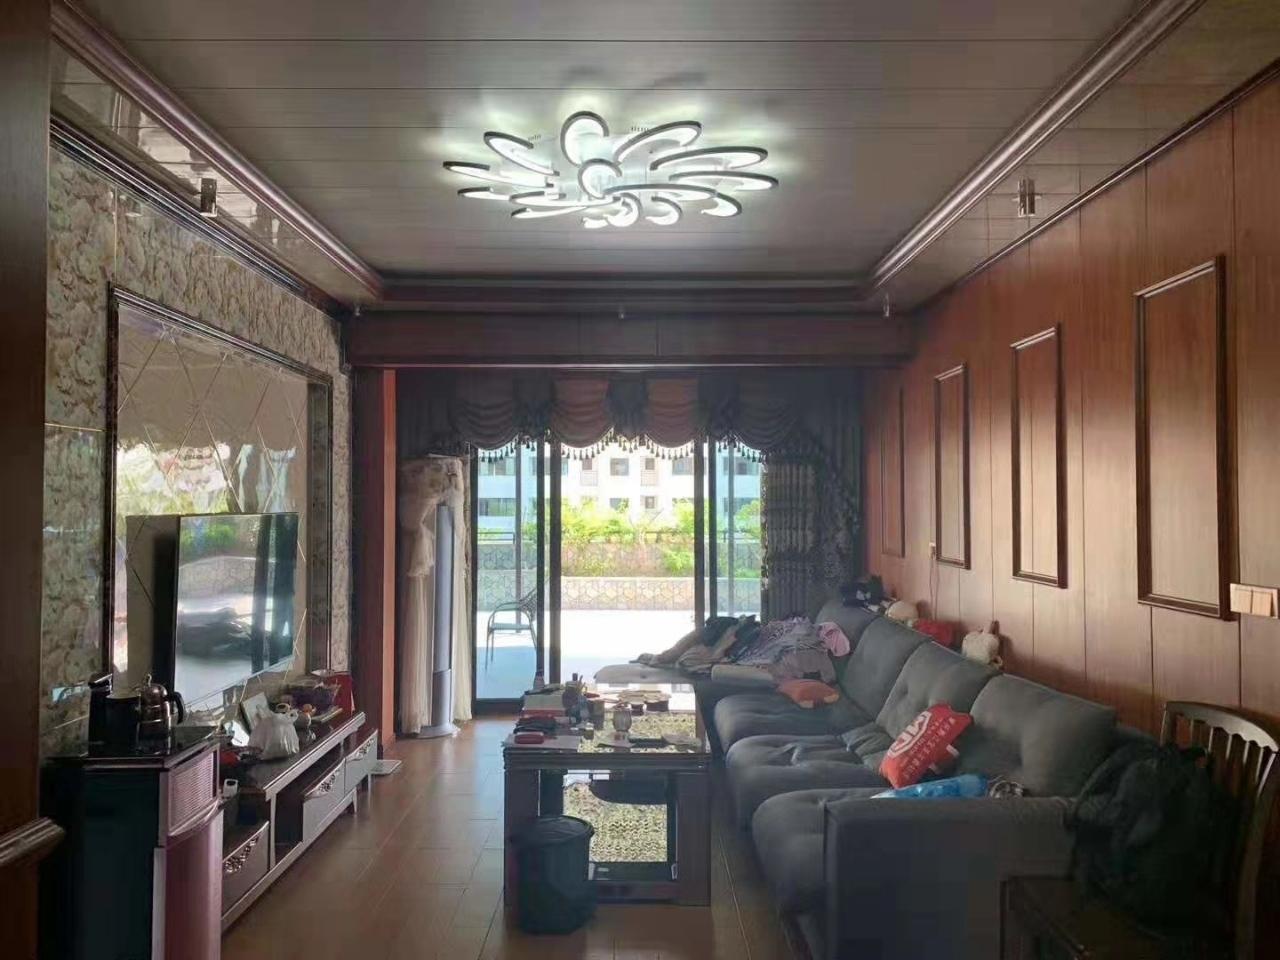 碧桂园3室2厅1卫82.8万元拎包入住